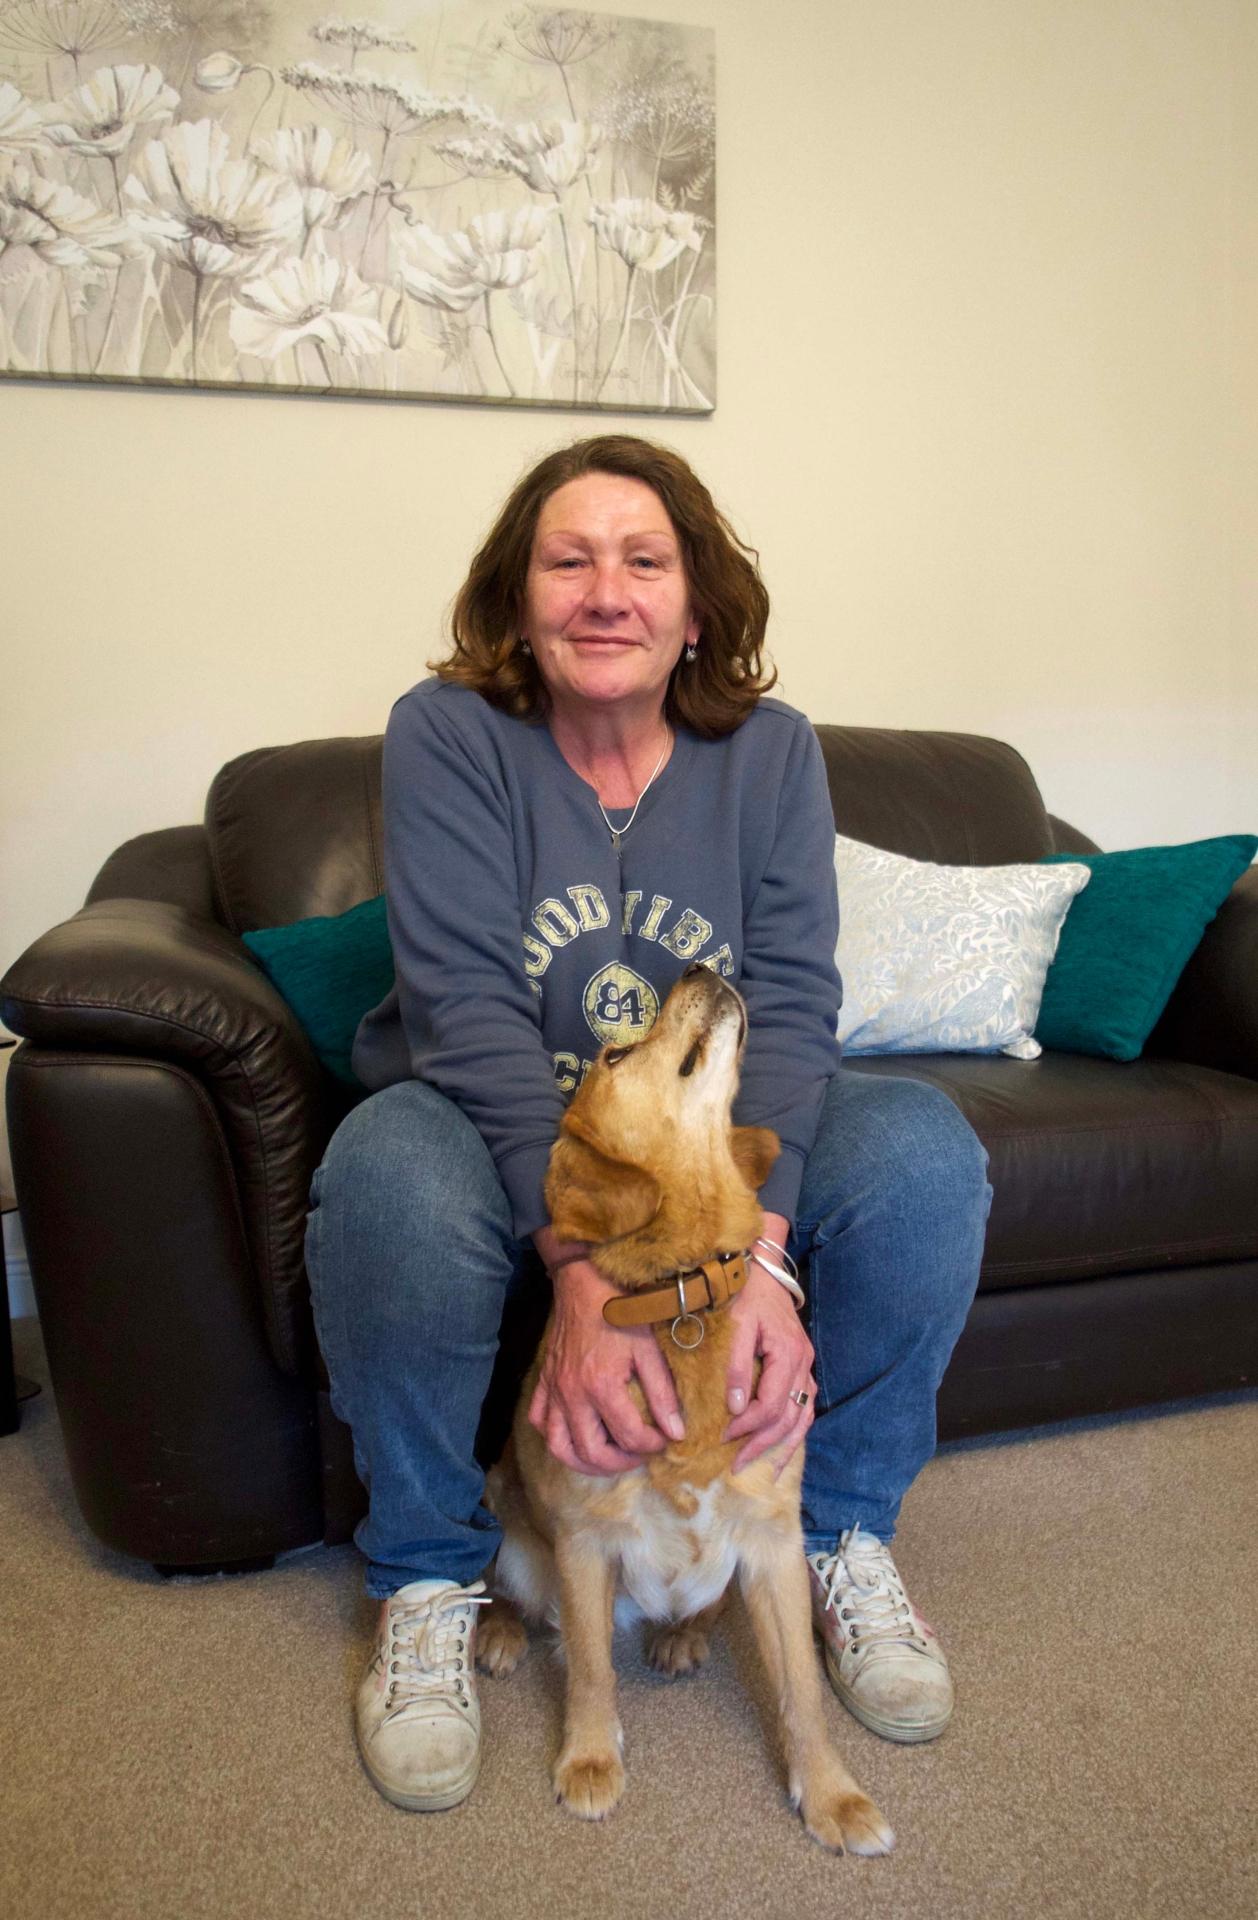 Family carer Jane Jones from Castle Park, Carrick-on-Suir